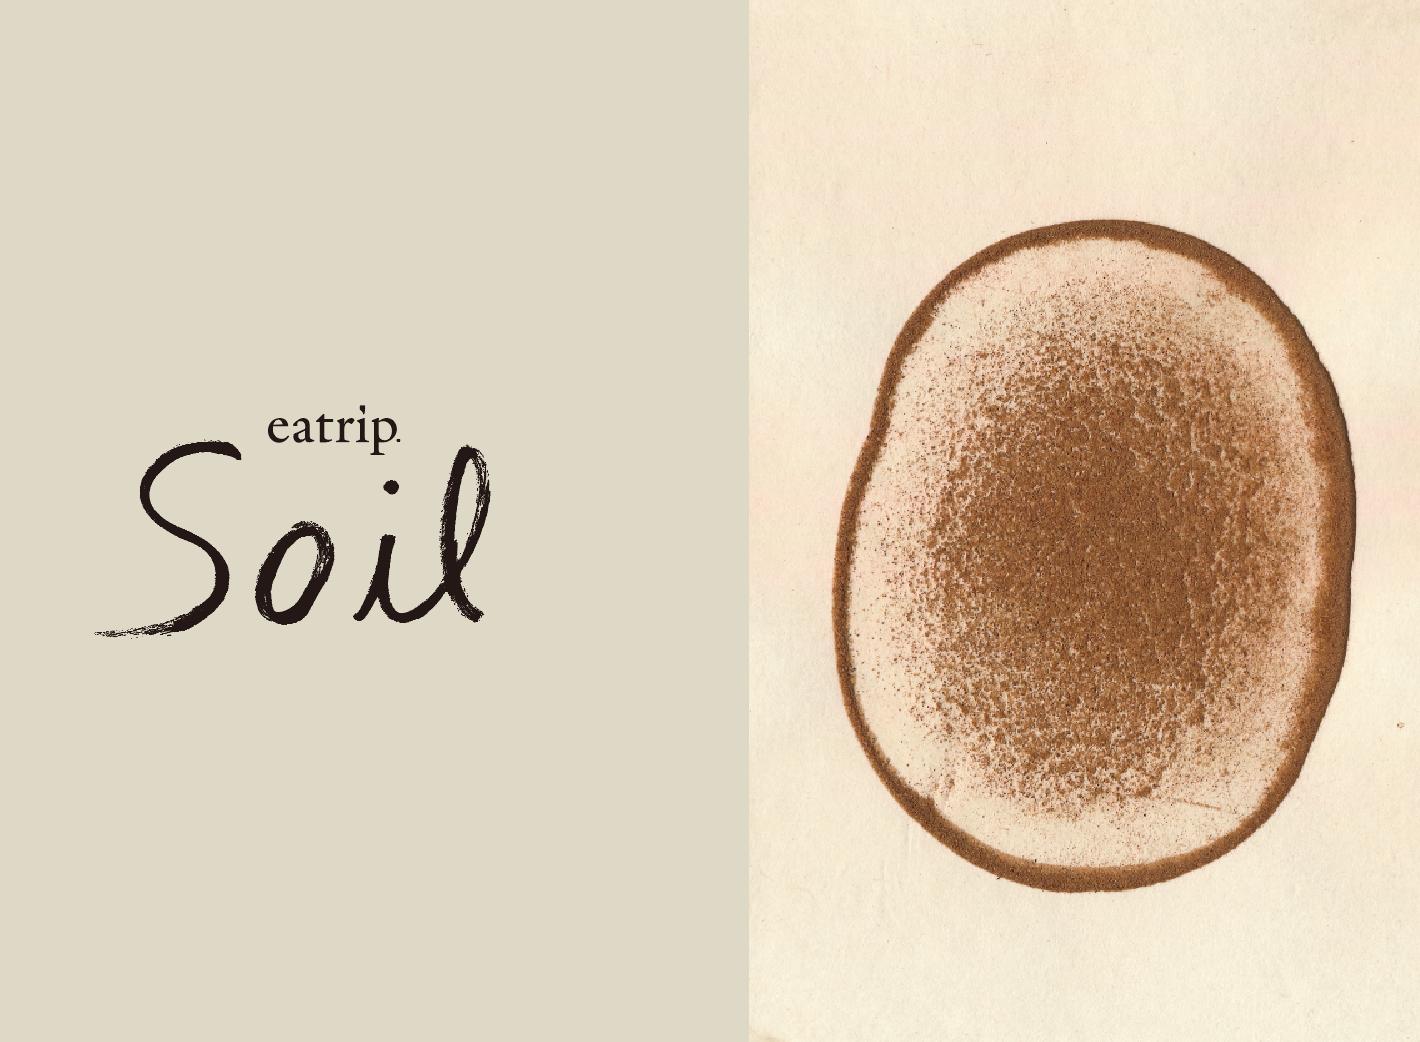 eatrip soil